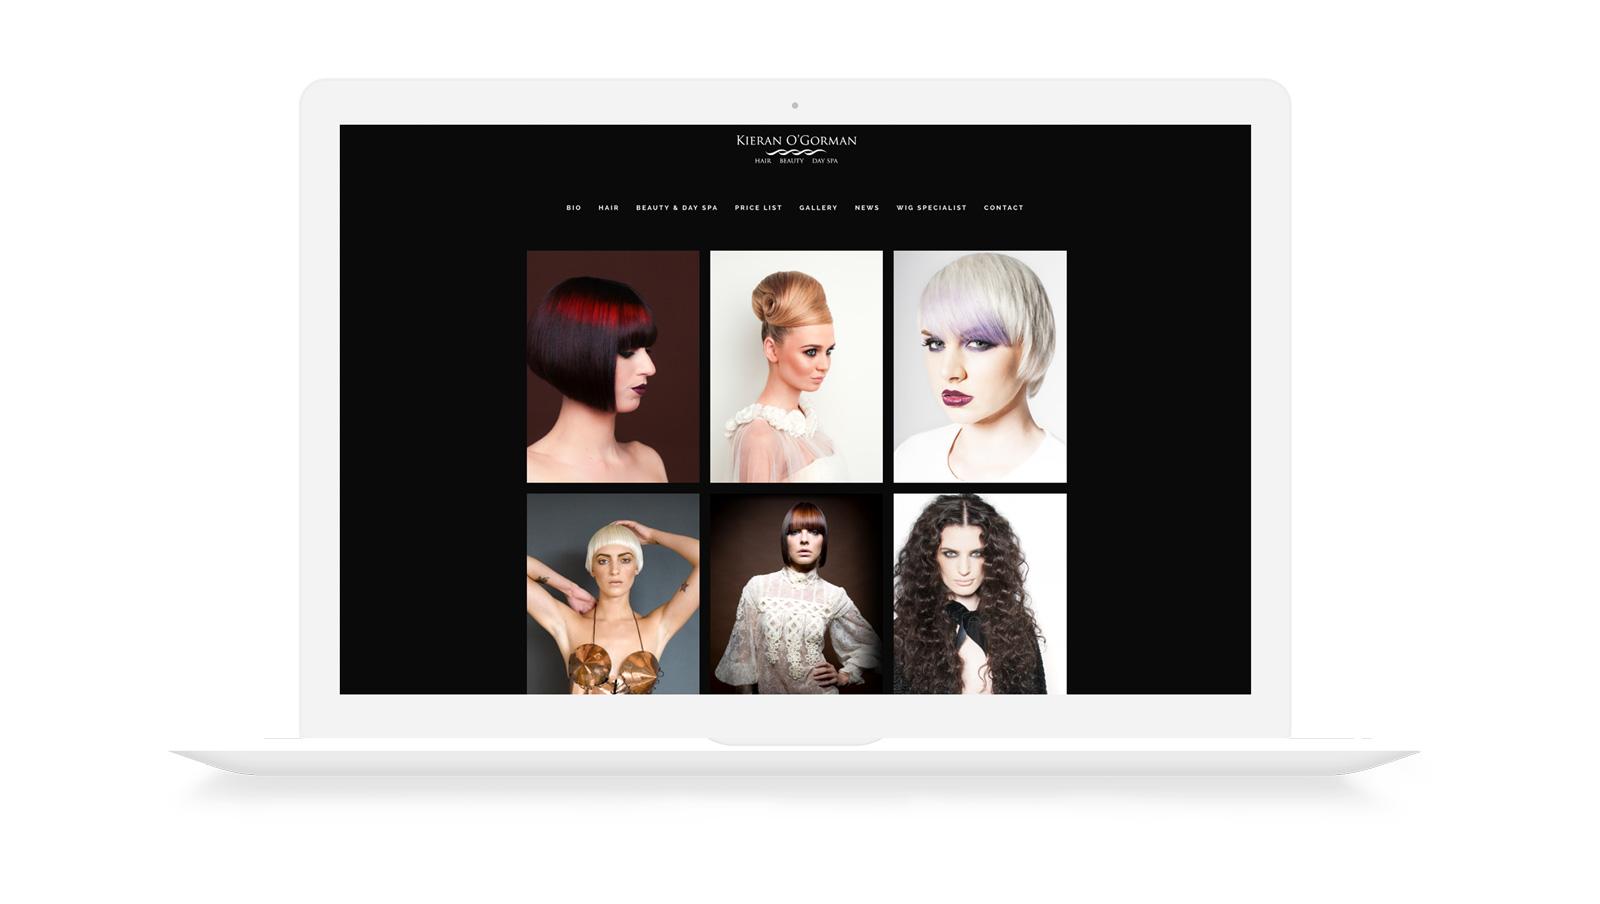 kieran o'gorman web design